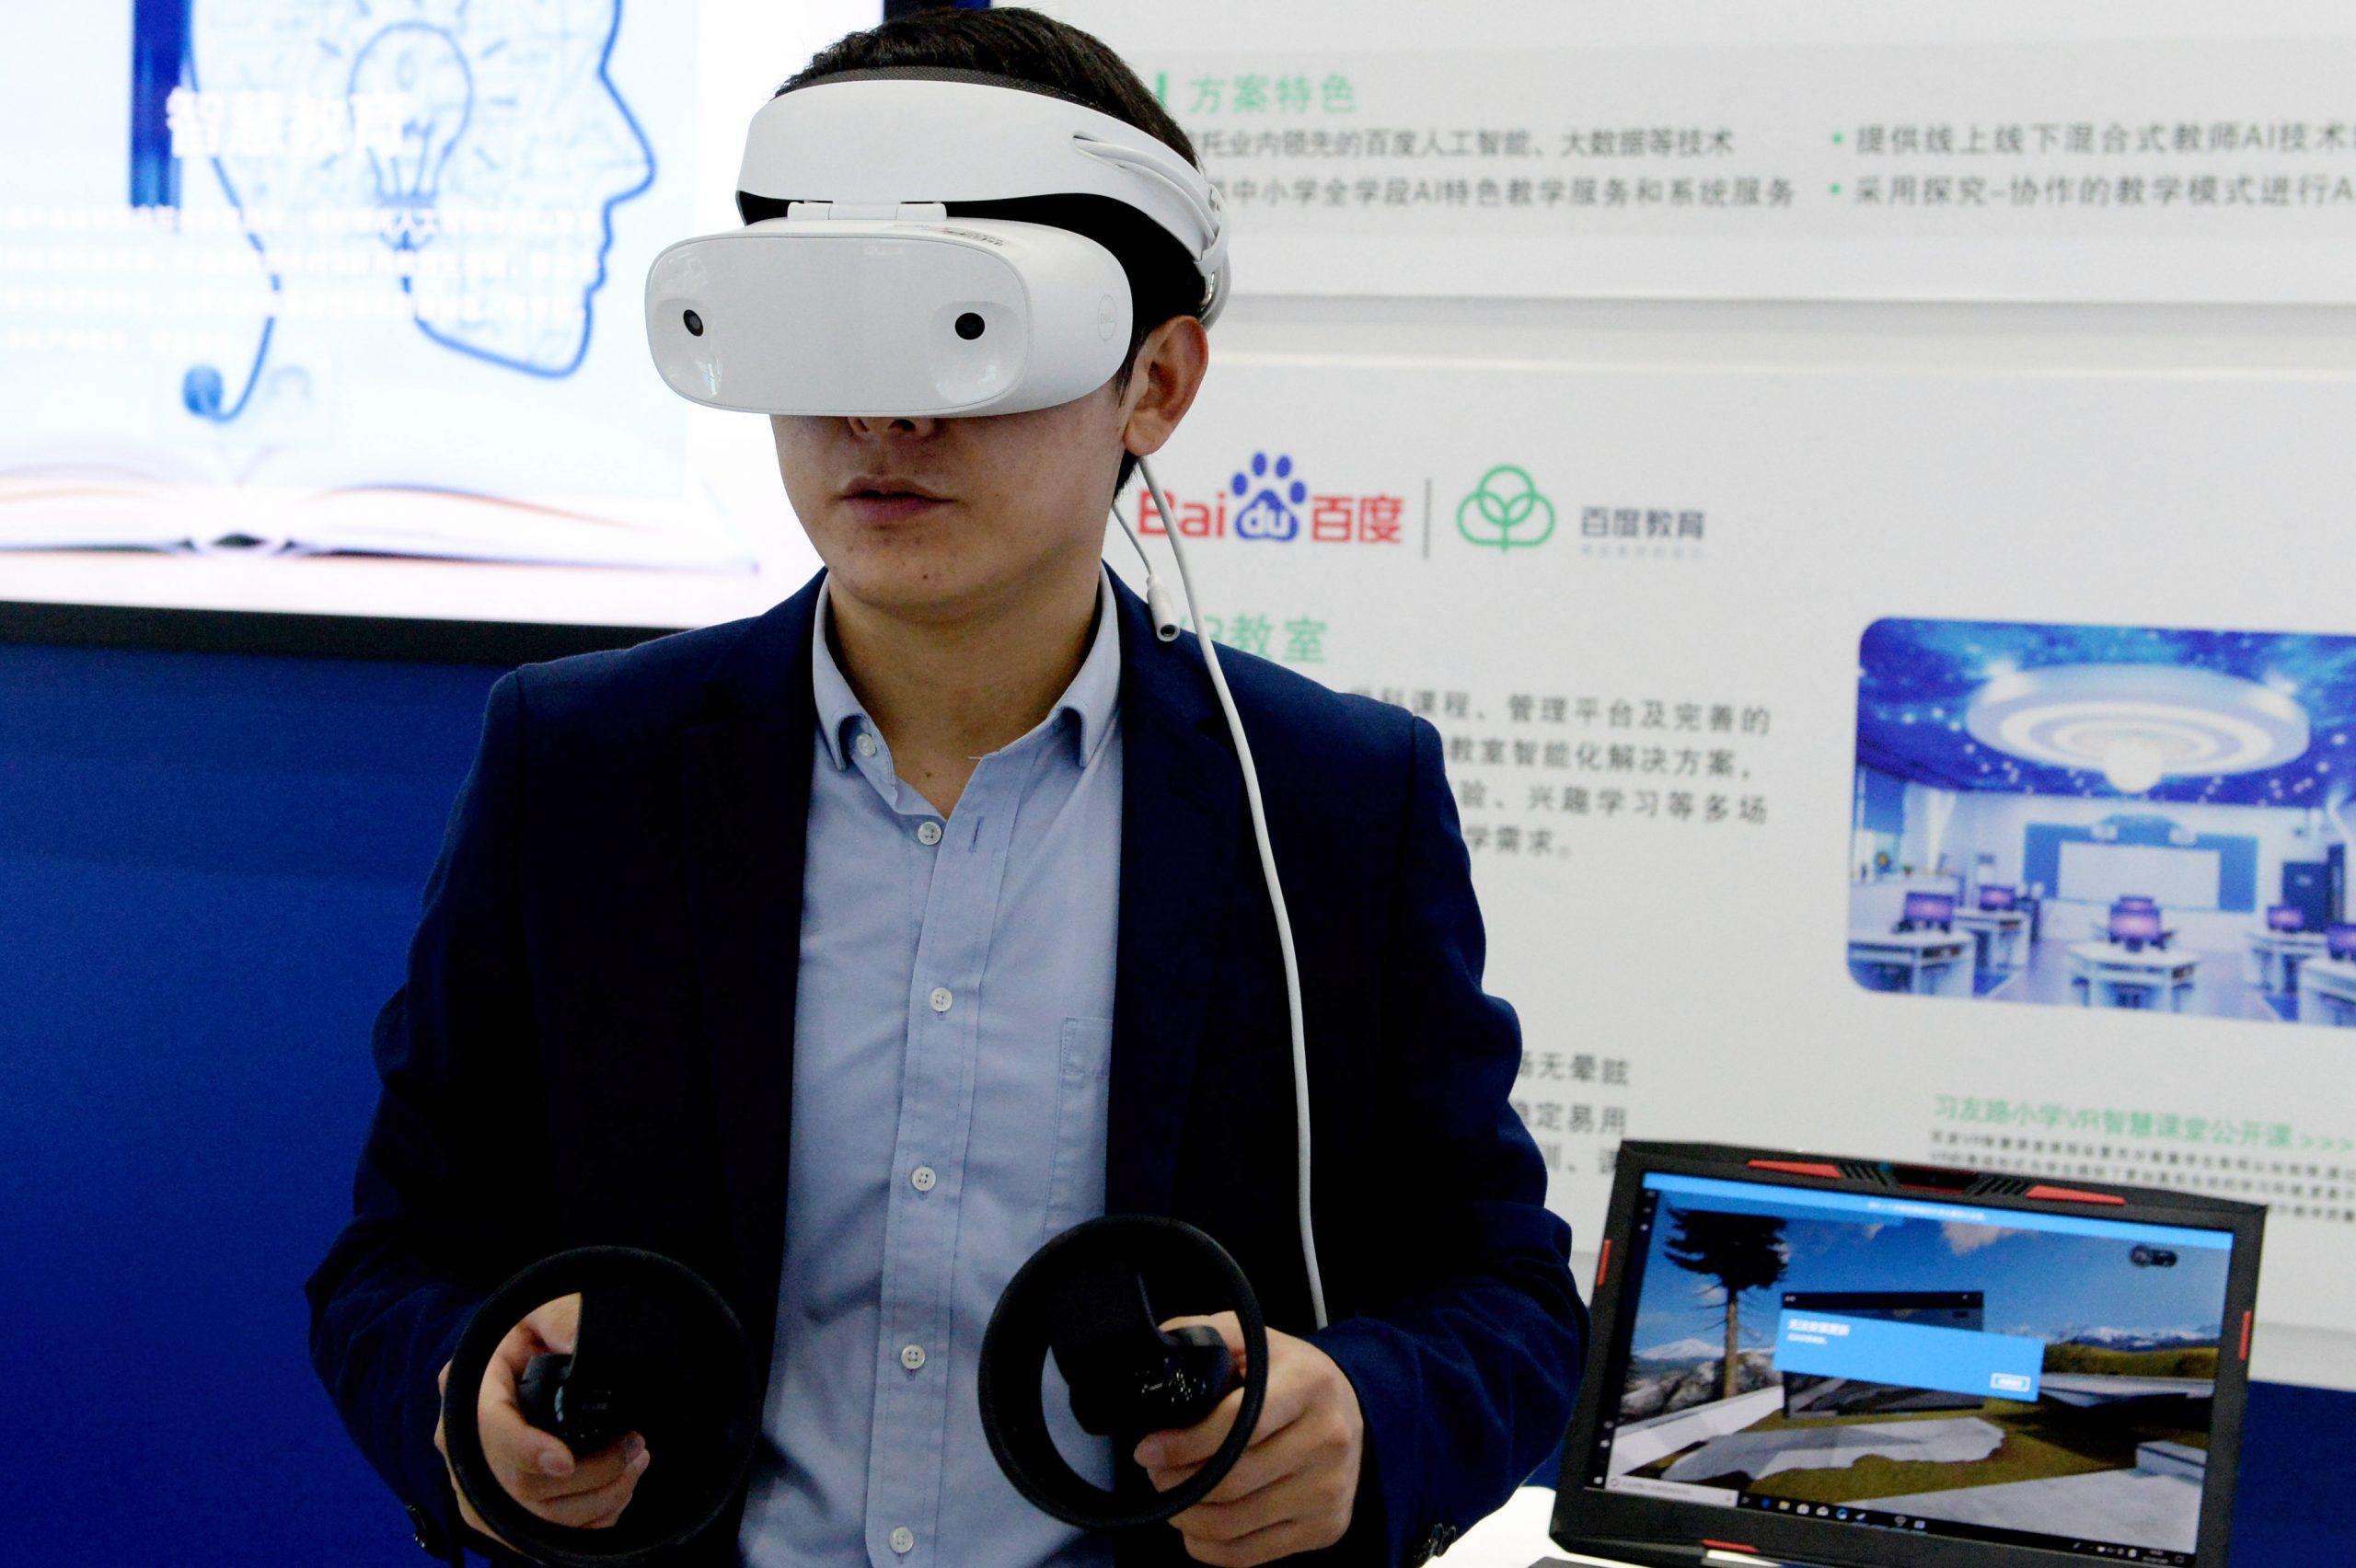 Empresa tecnológica china construirá plataforma de IA, IoT a nivel de ciudad